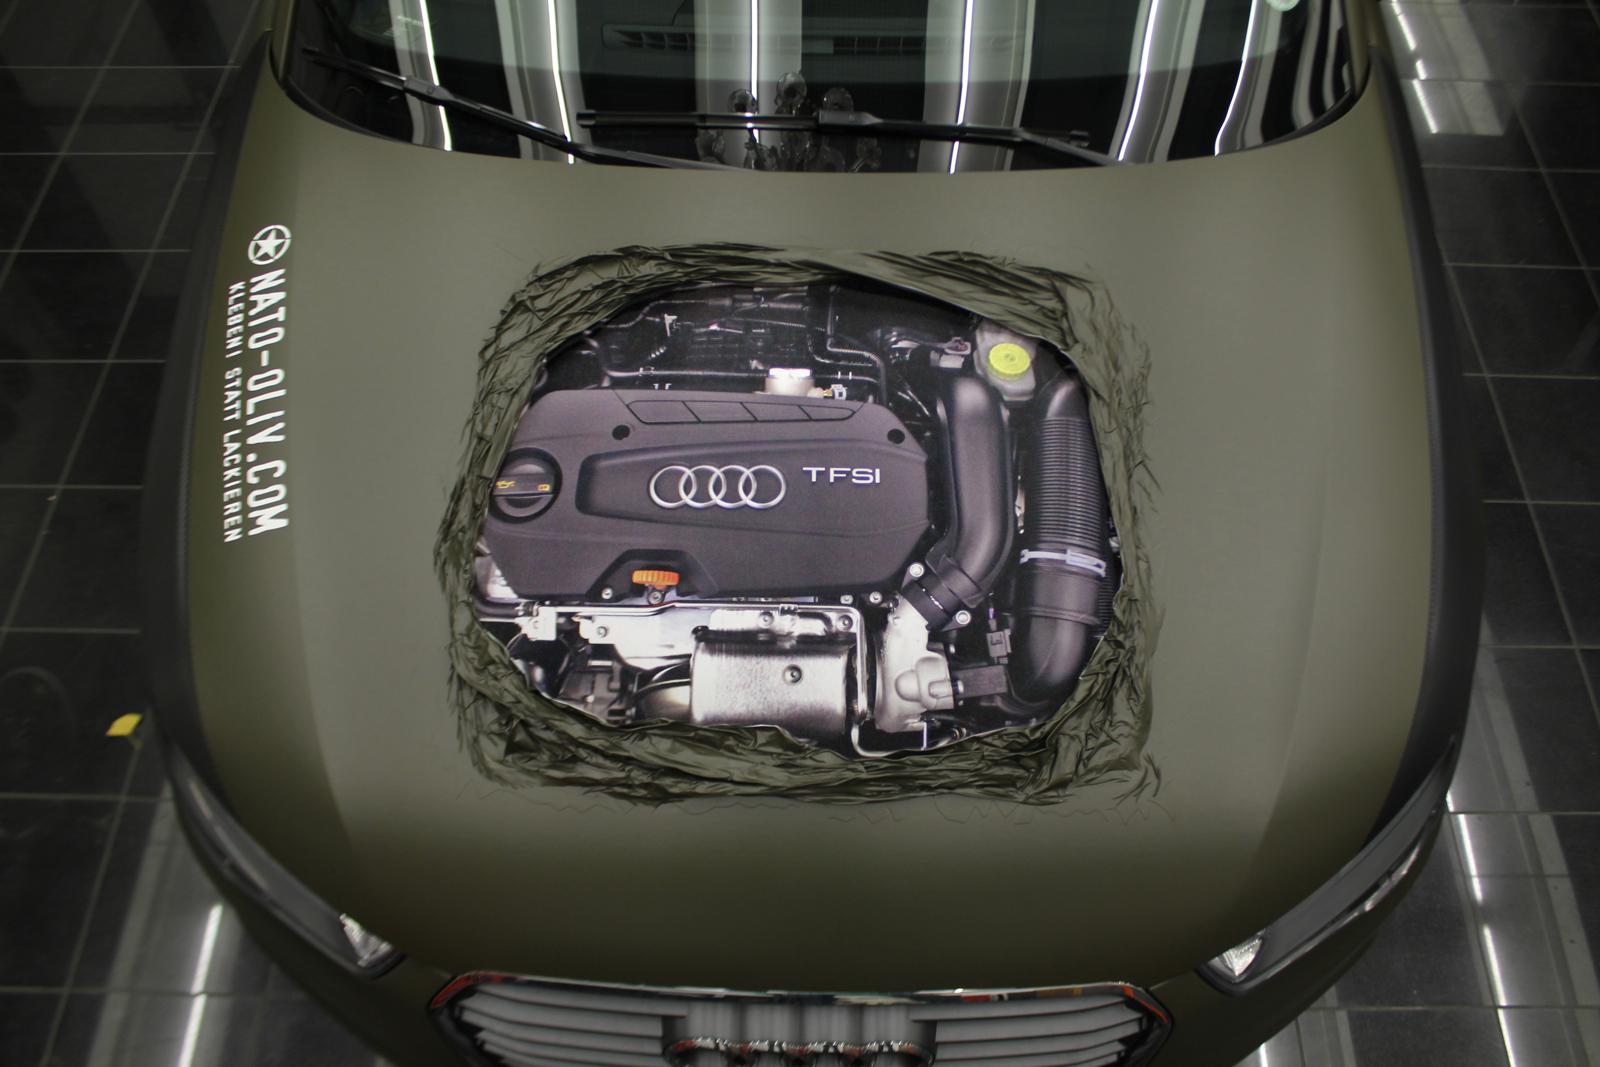 Audi_A1_Nato-oliv_Matt_Motorhaube